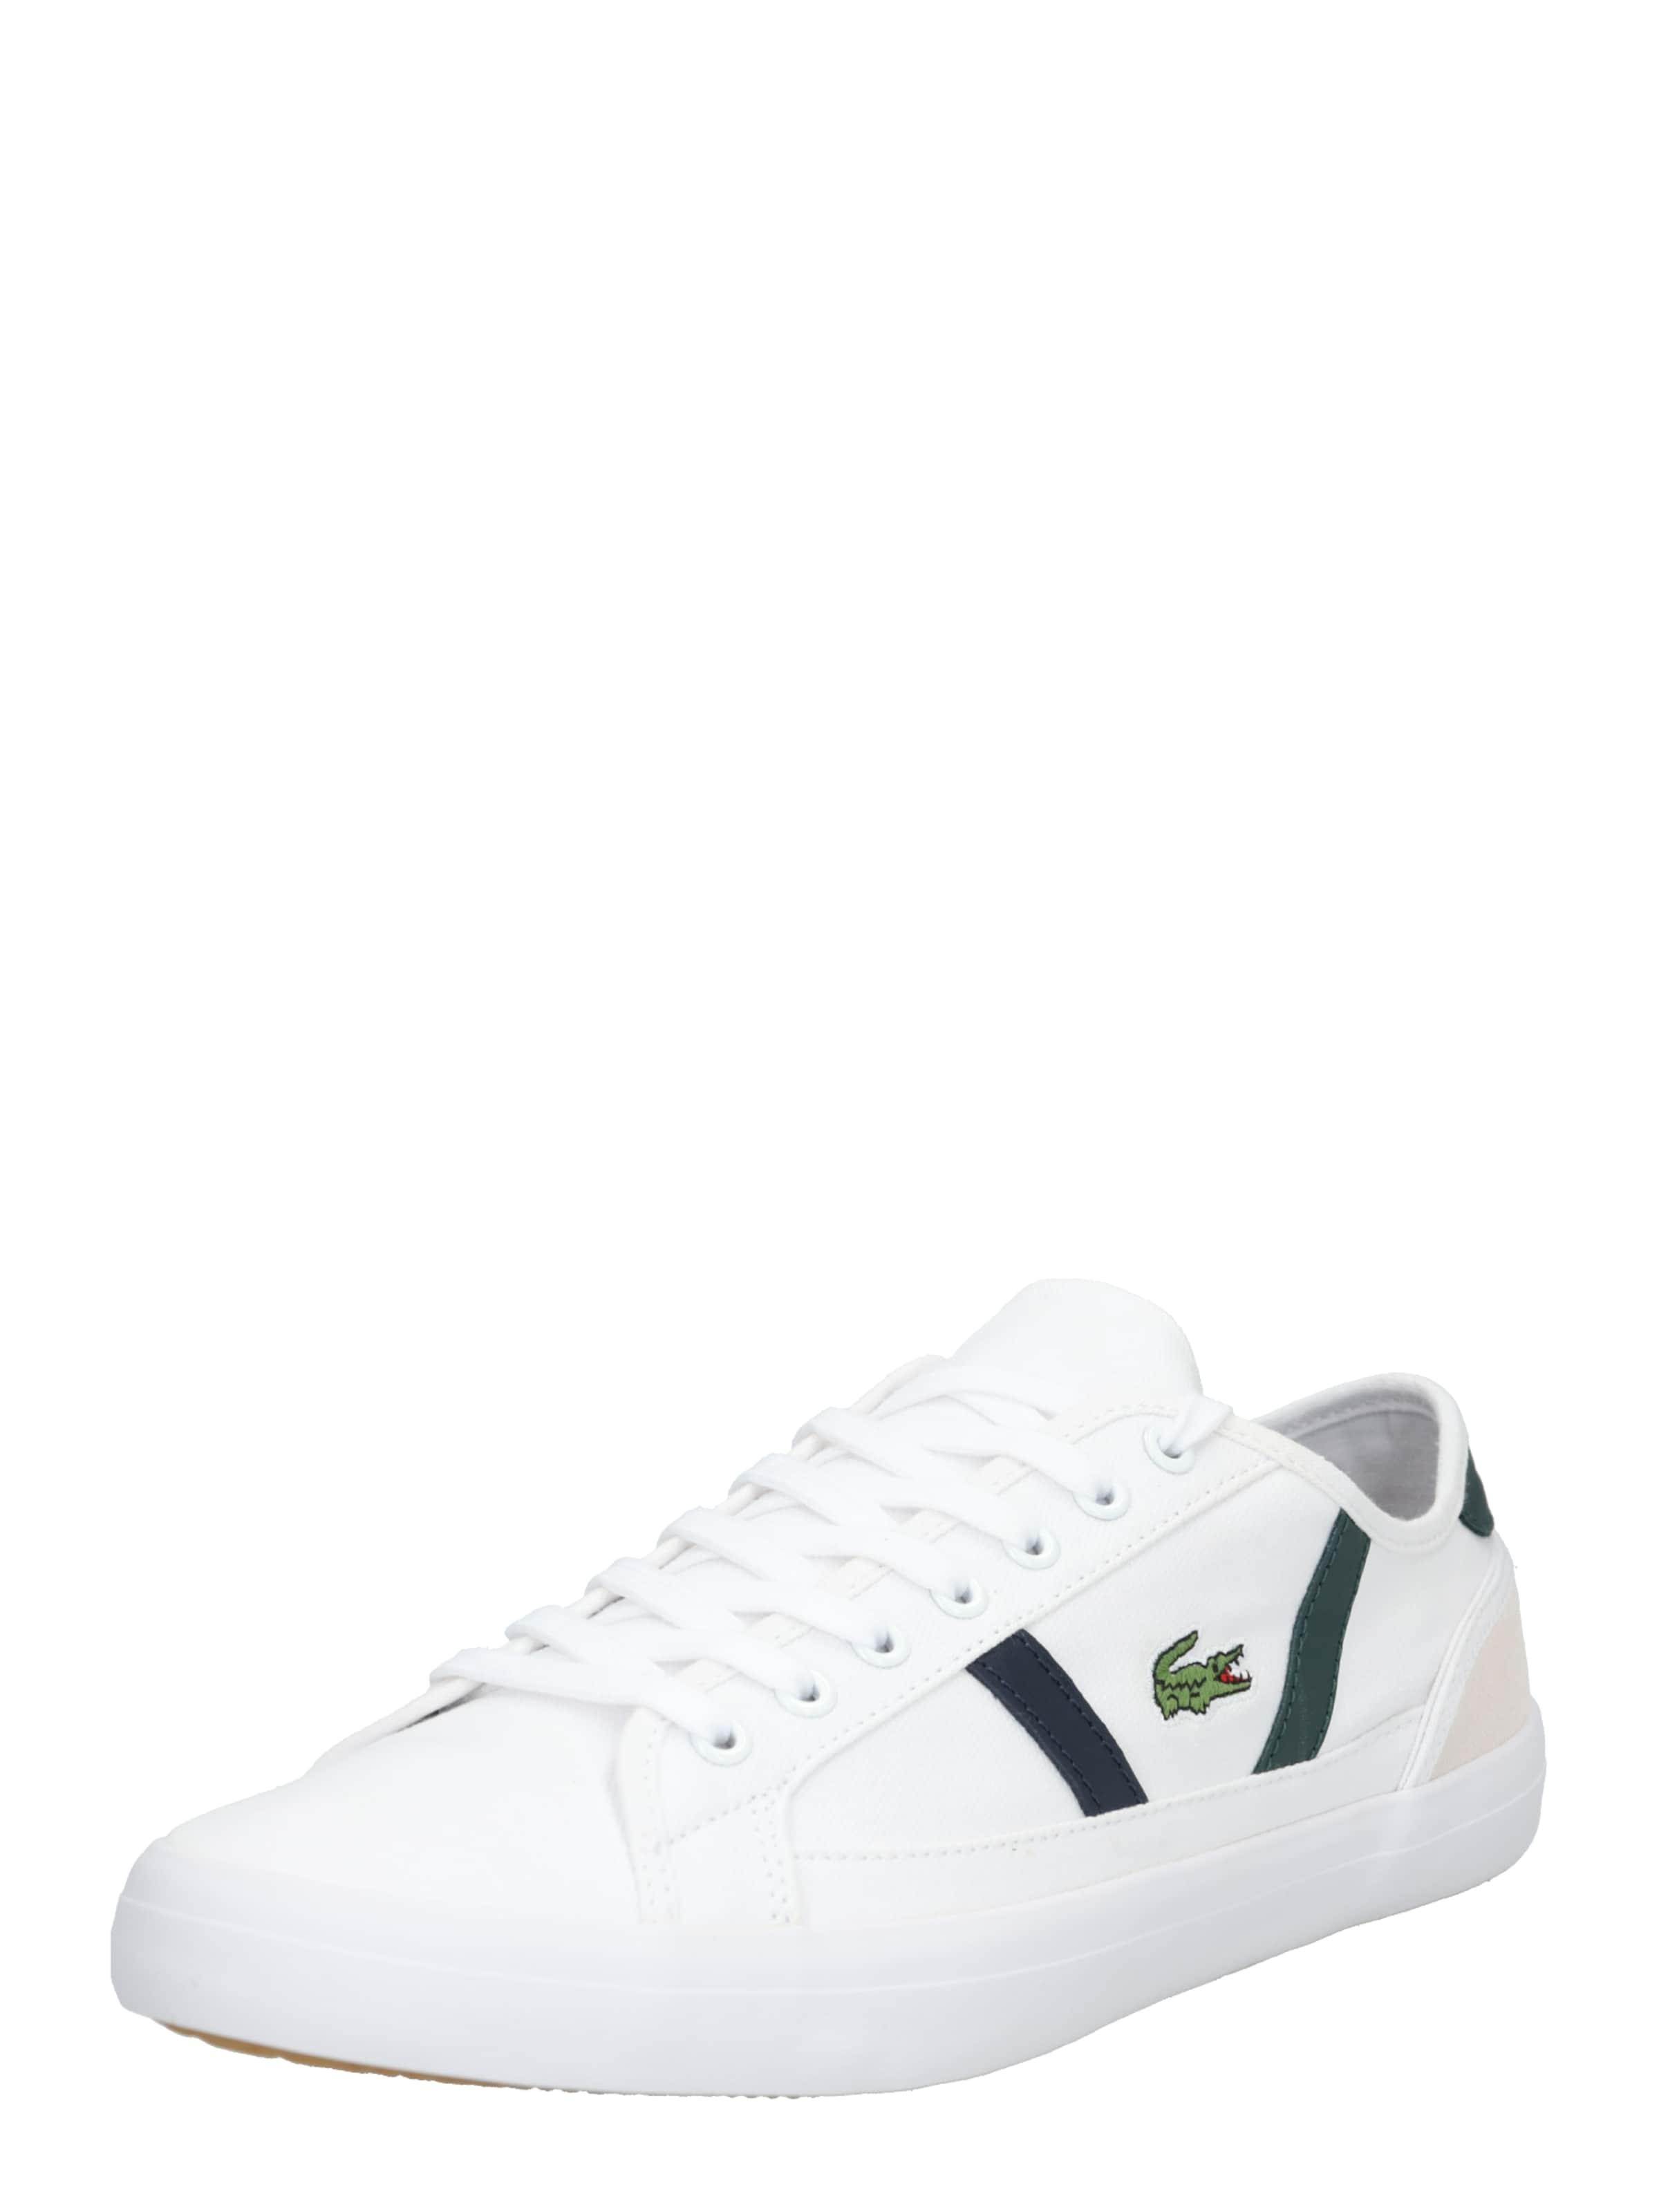 Sneaker In 'sideline Weiß Lacoste 319 4 Cma' wZiXuOkPTl